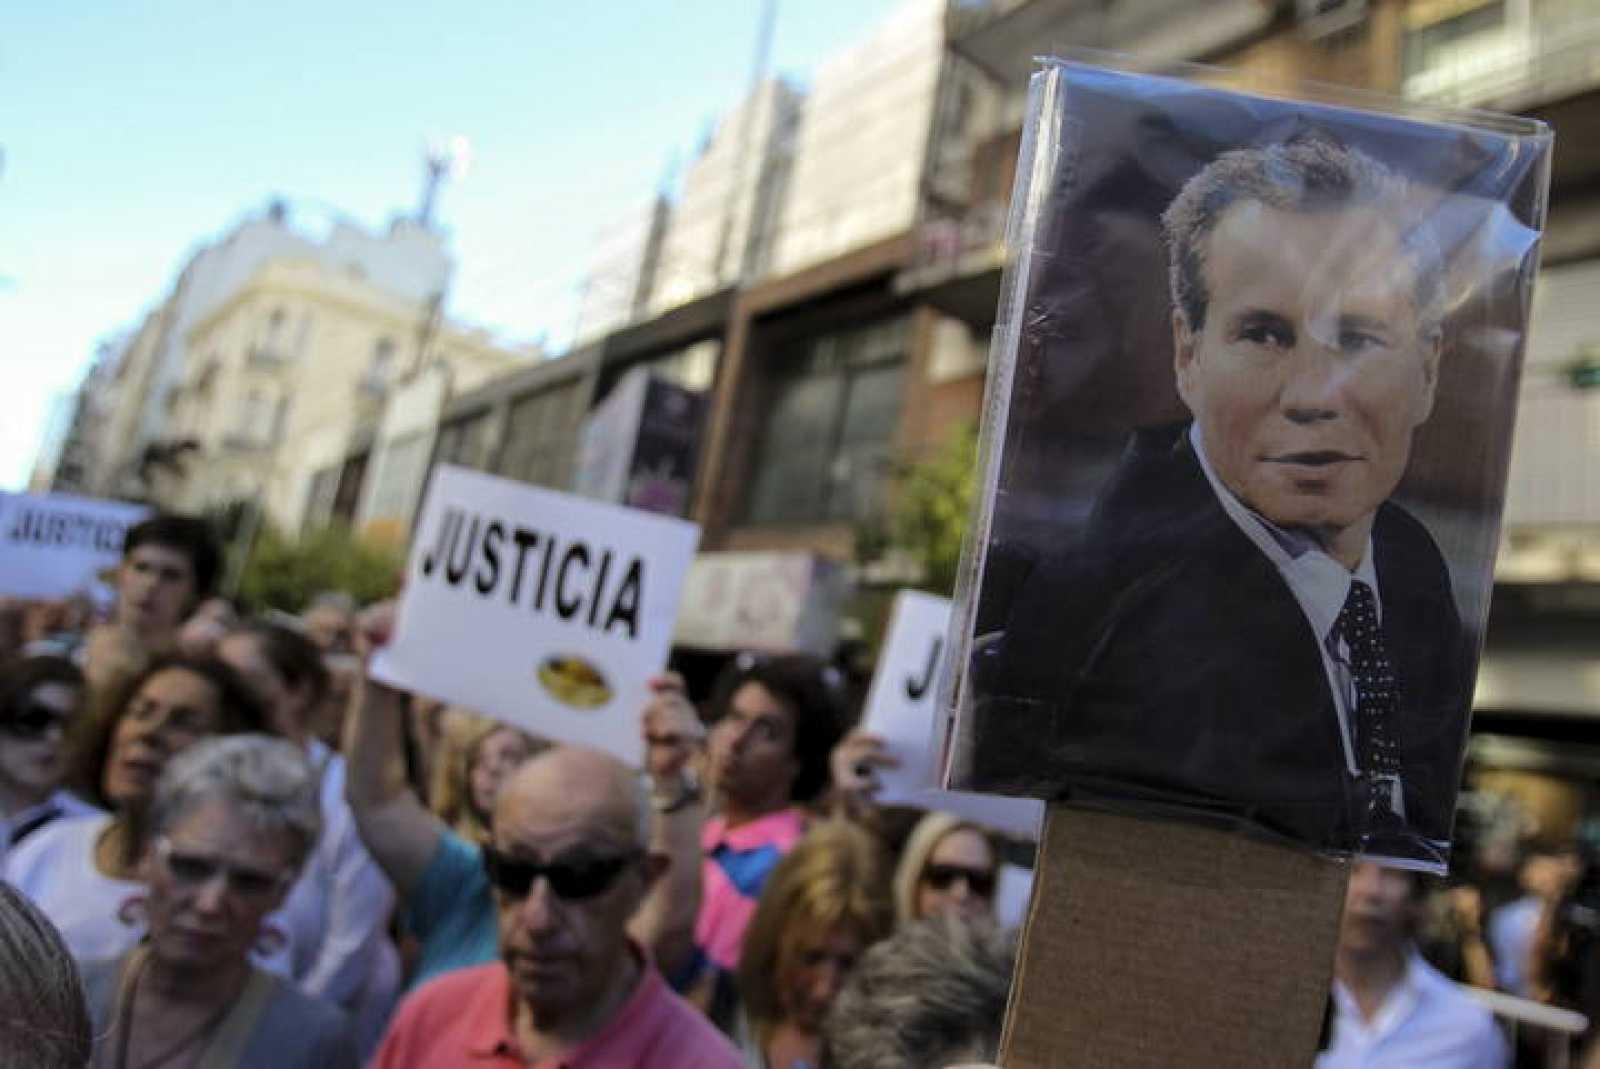 Un grupo de personas participa en una manifestación para exigir justicia tras la muerte del fiscal argentino Alberto Nisman en el exterior de la sede de la AMIA en Buenos Aires.